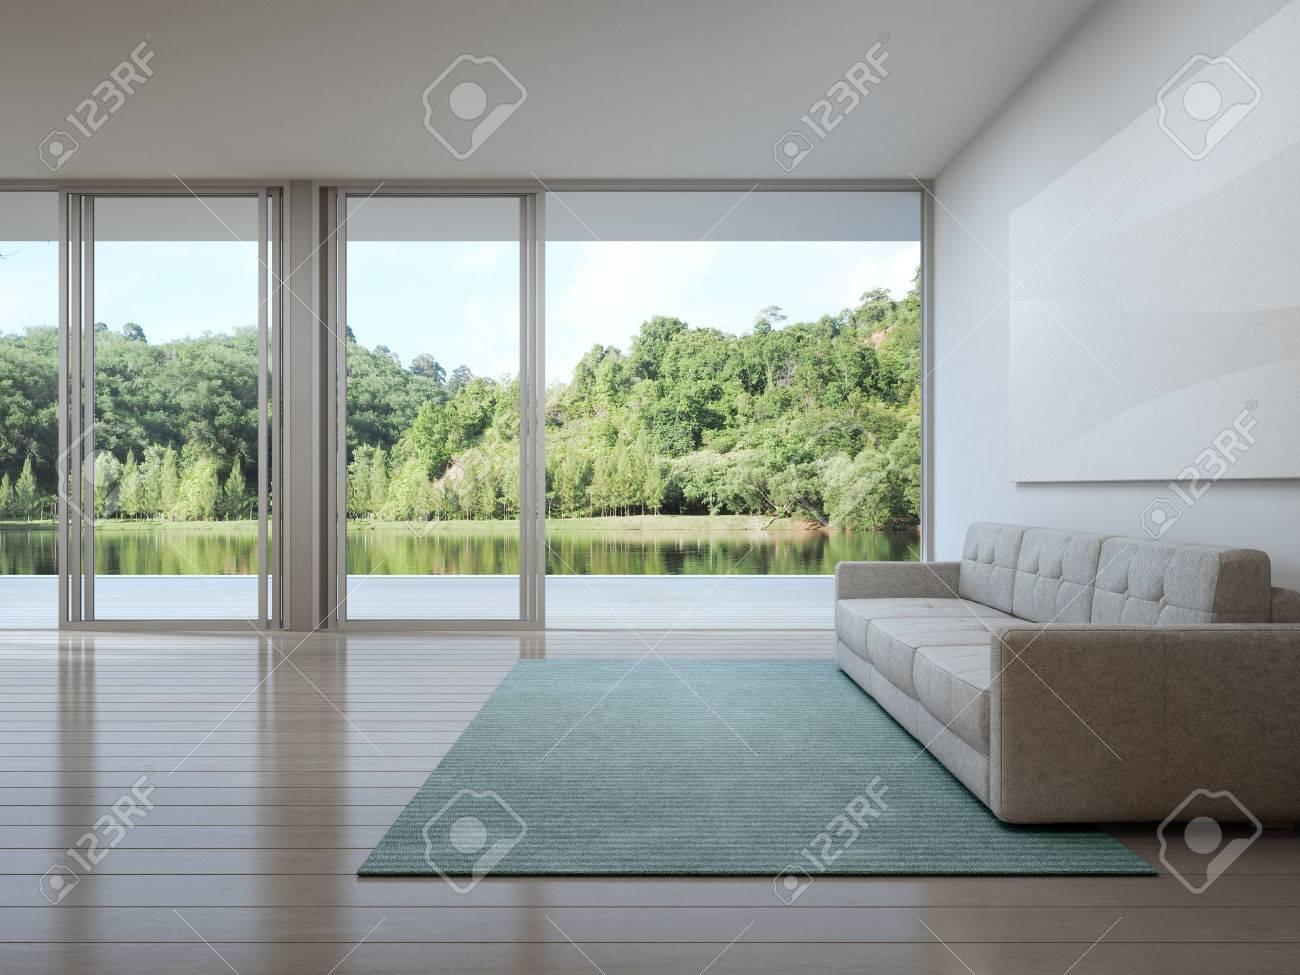 Wohnzimmer Der Luxus-Haus Mit Blick Auf Den See In Modernem Design ...